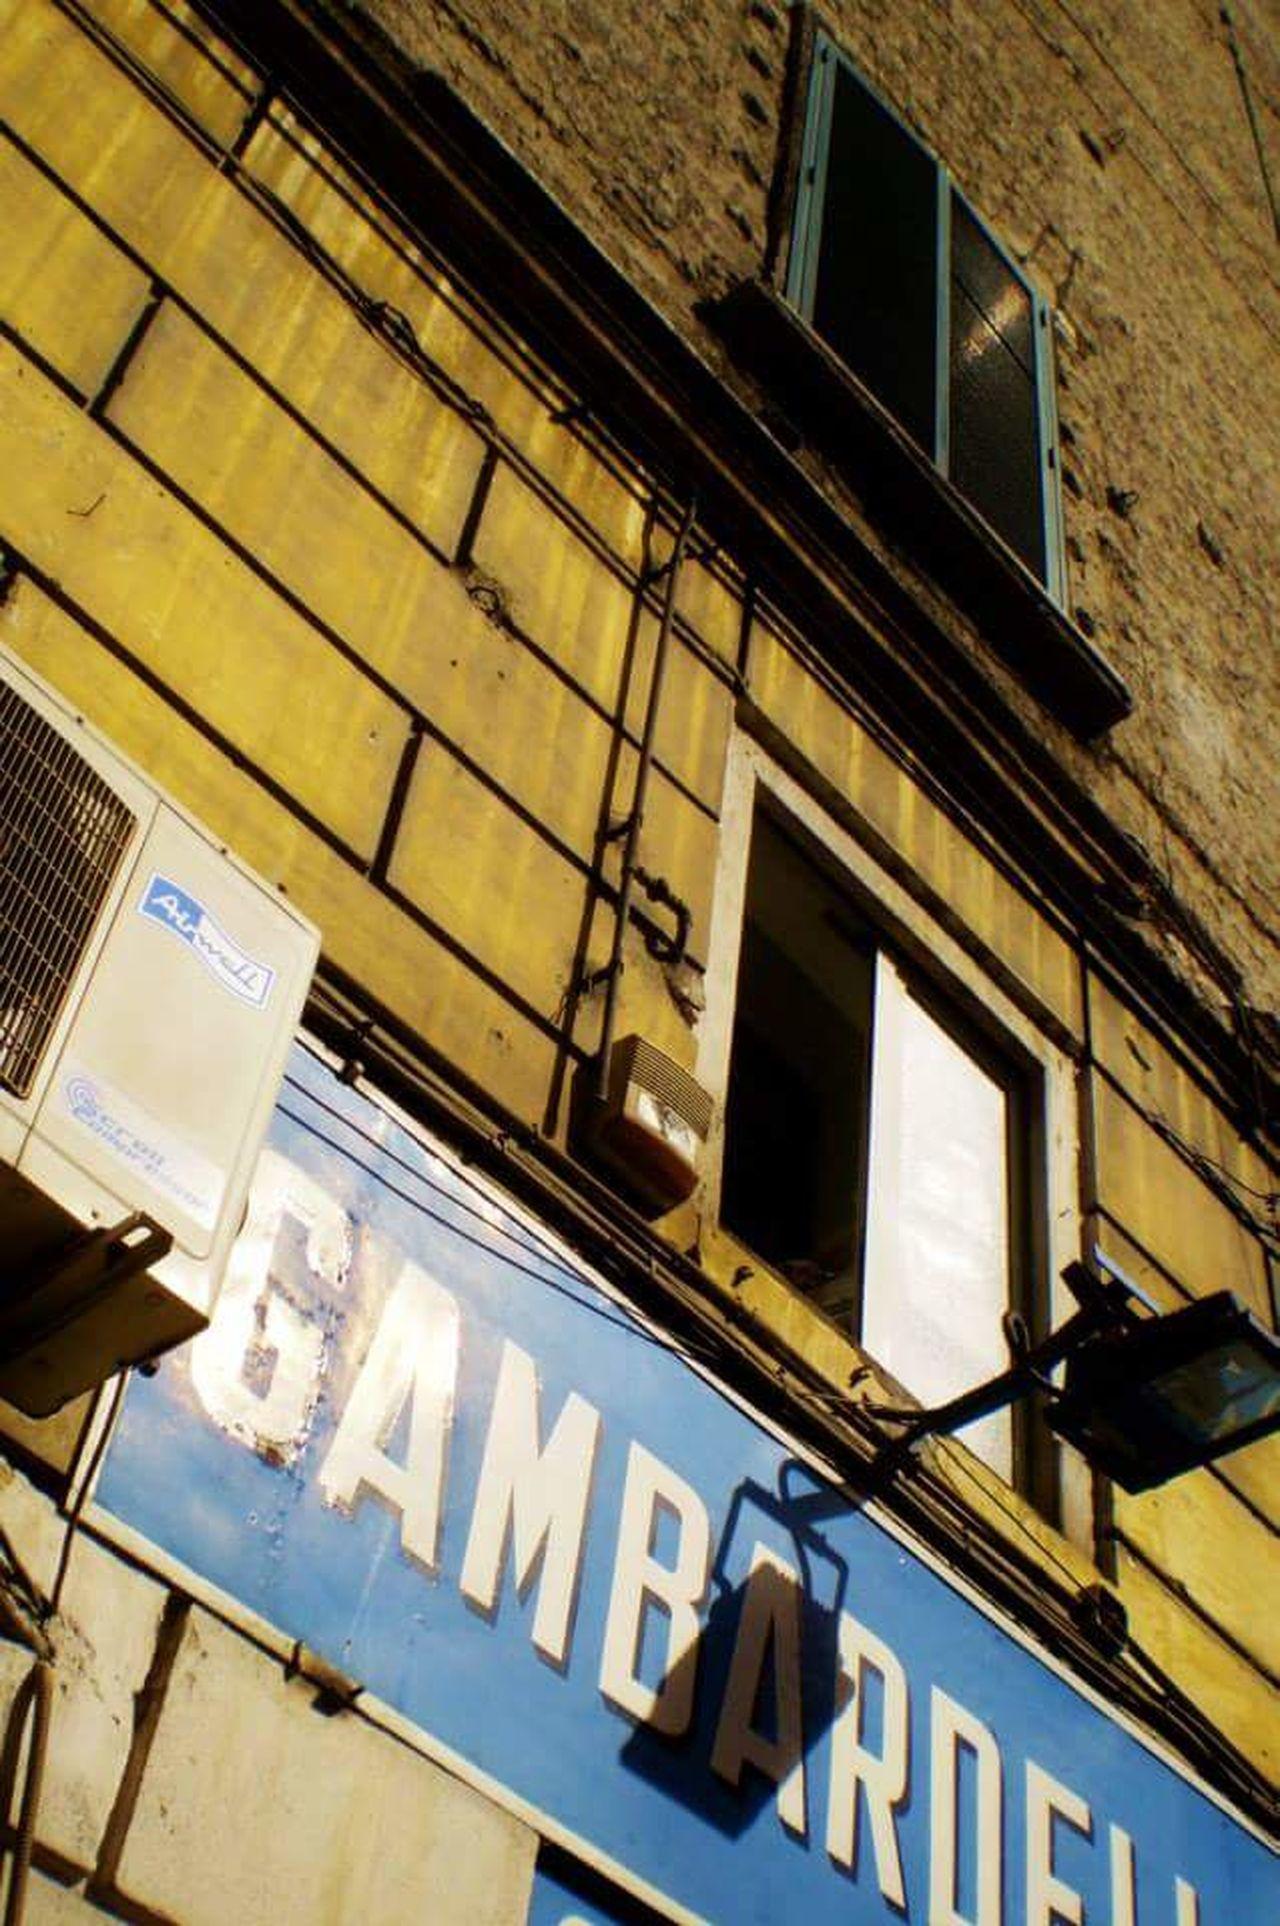 Naples, Italy Napoli Napoli ❤ Napoli Street Napoli Italy Architecture Prospective Light Shadow City Light And Shadow Wall